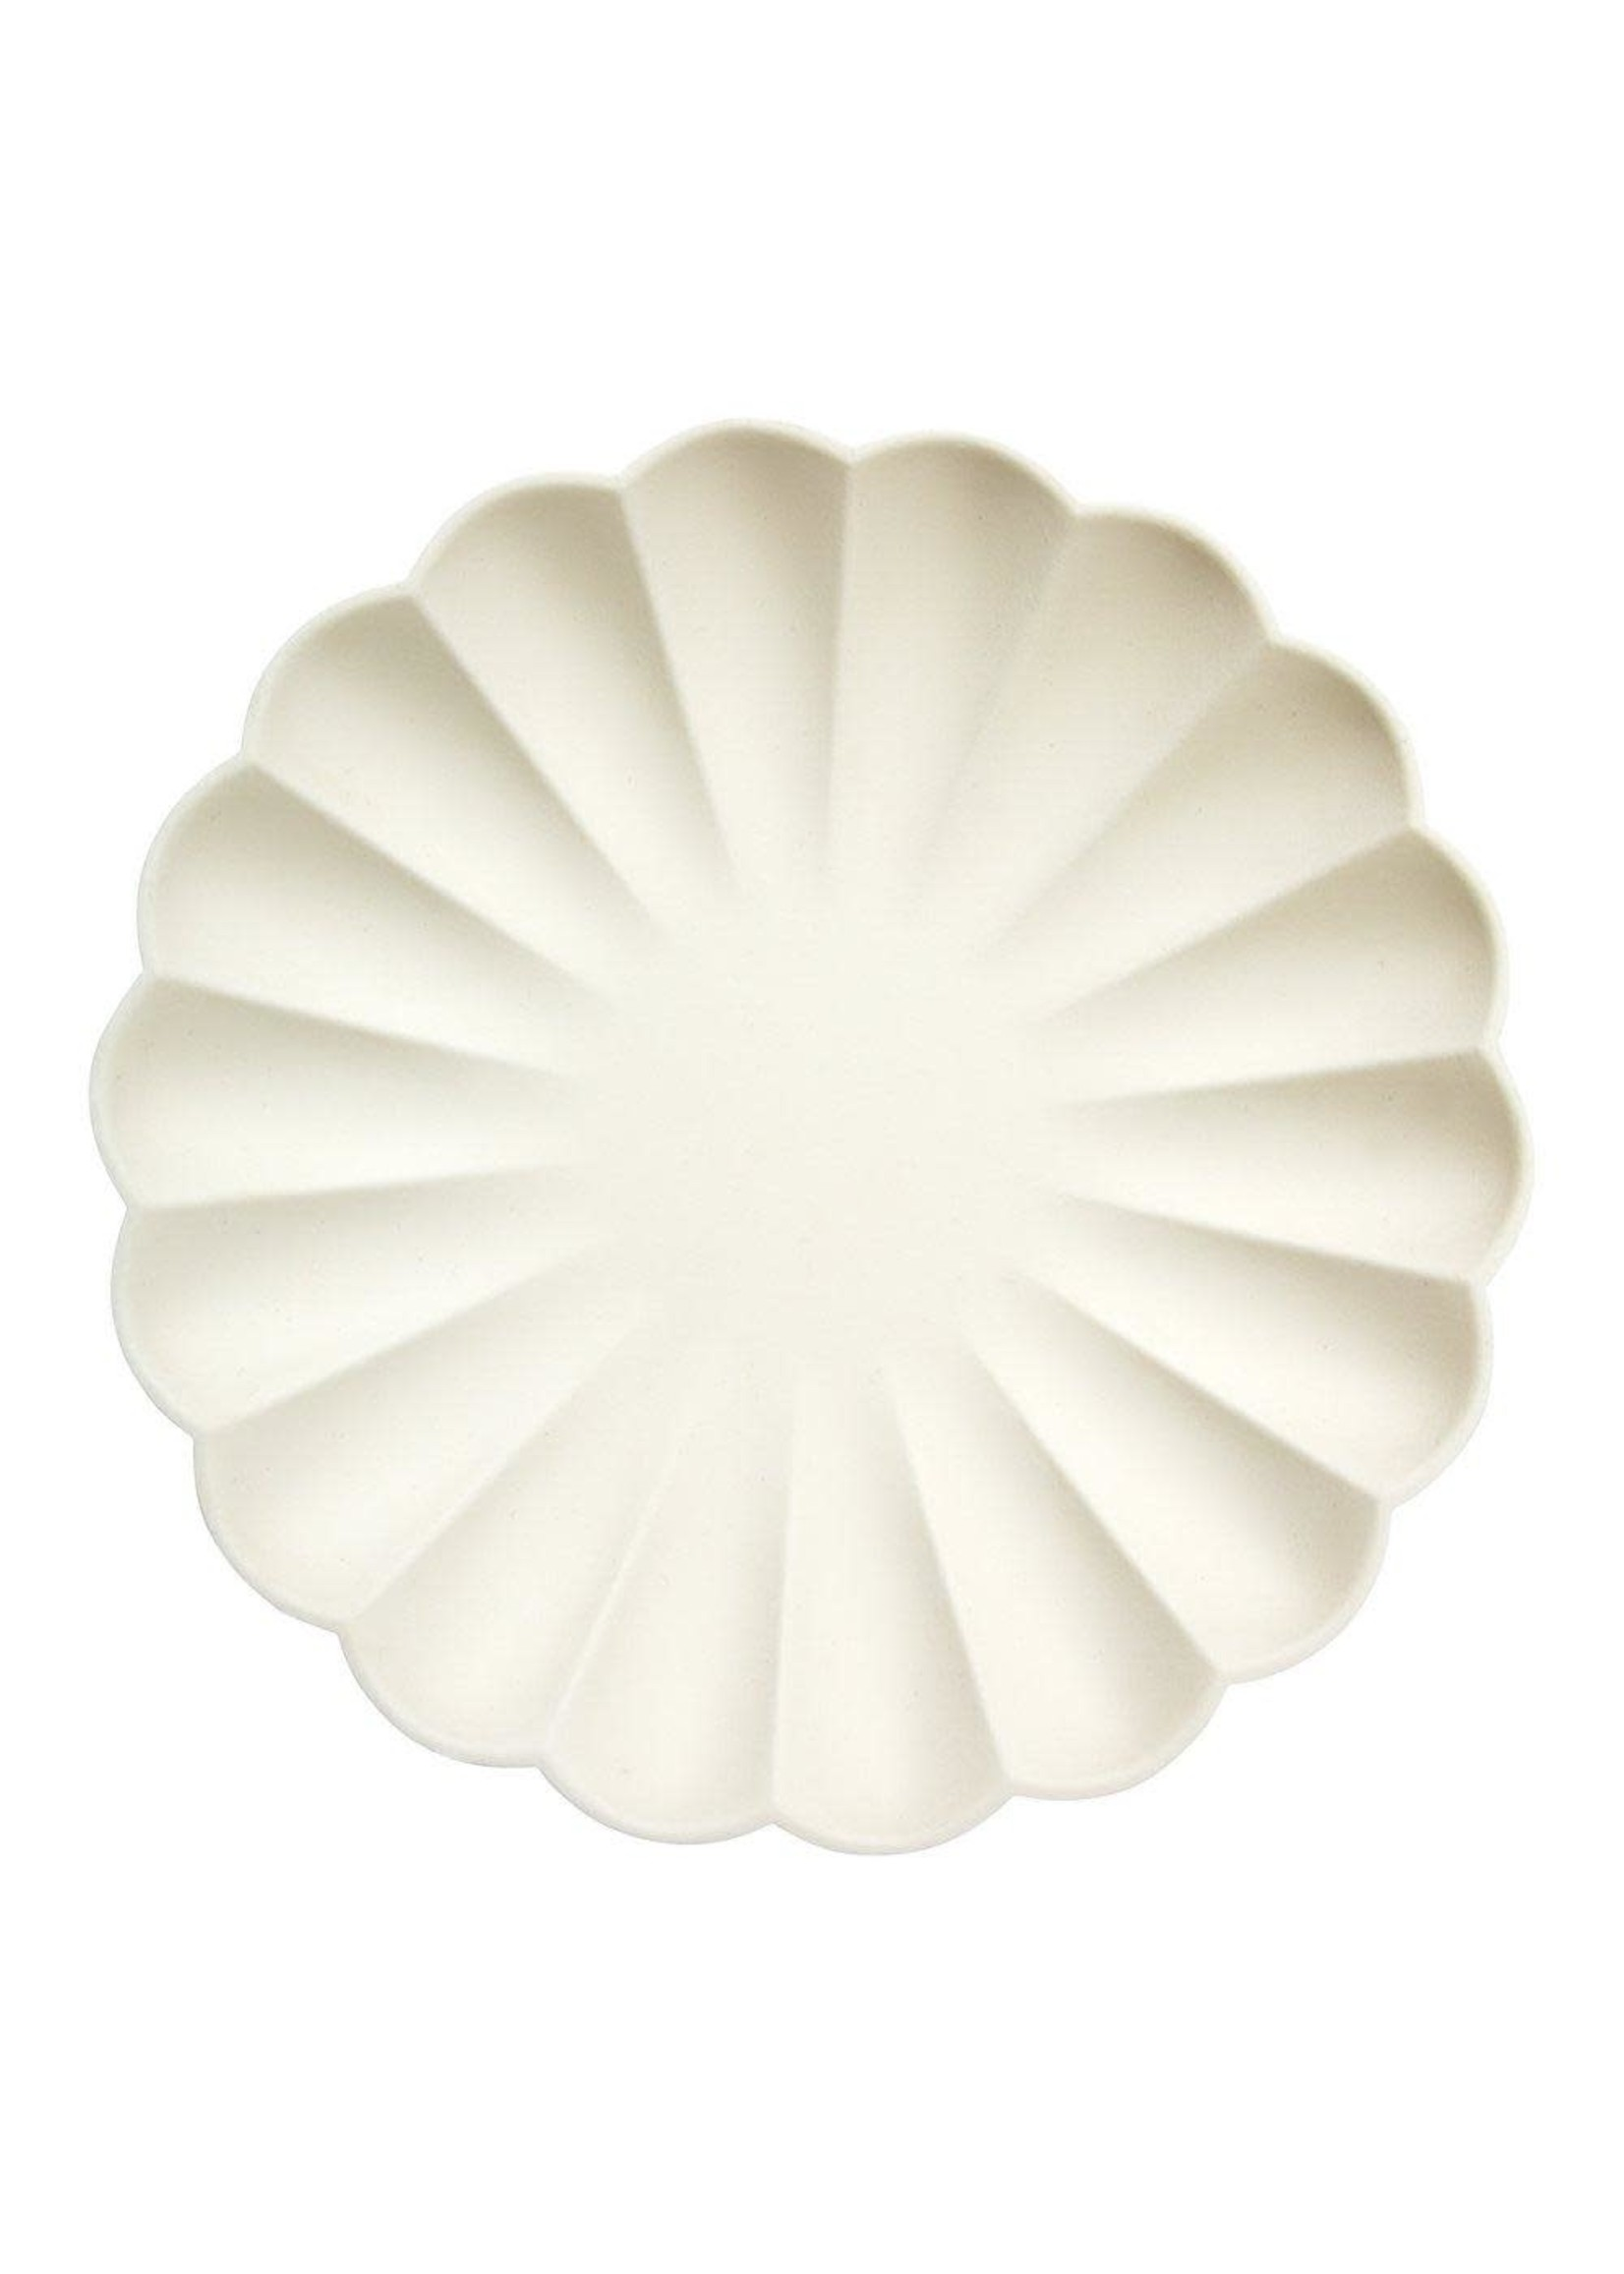 Meri Meri Paper Plates - Cream Large